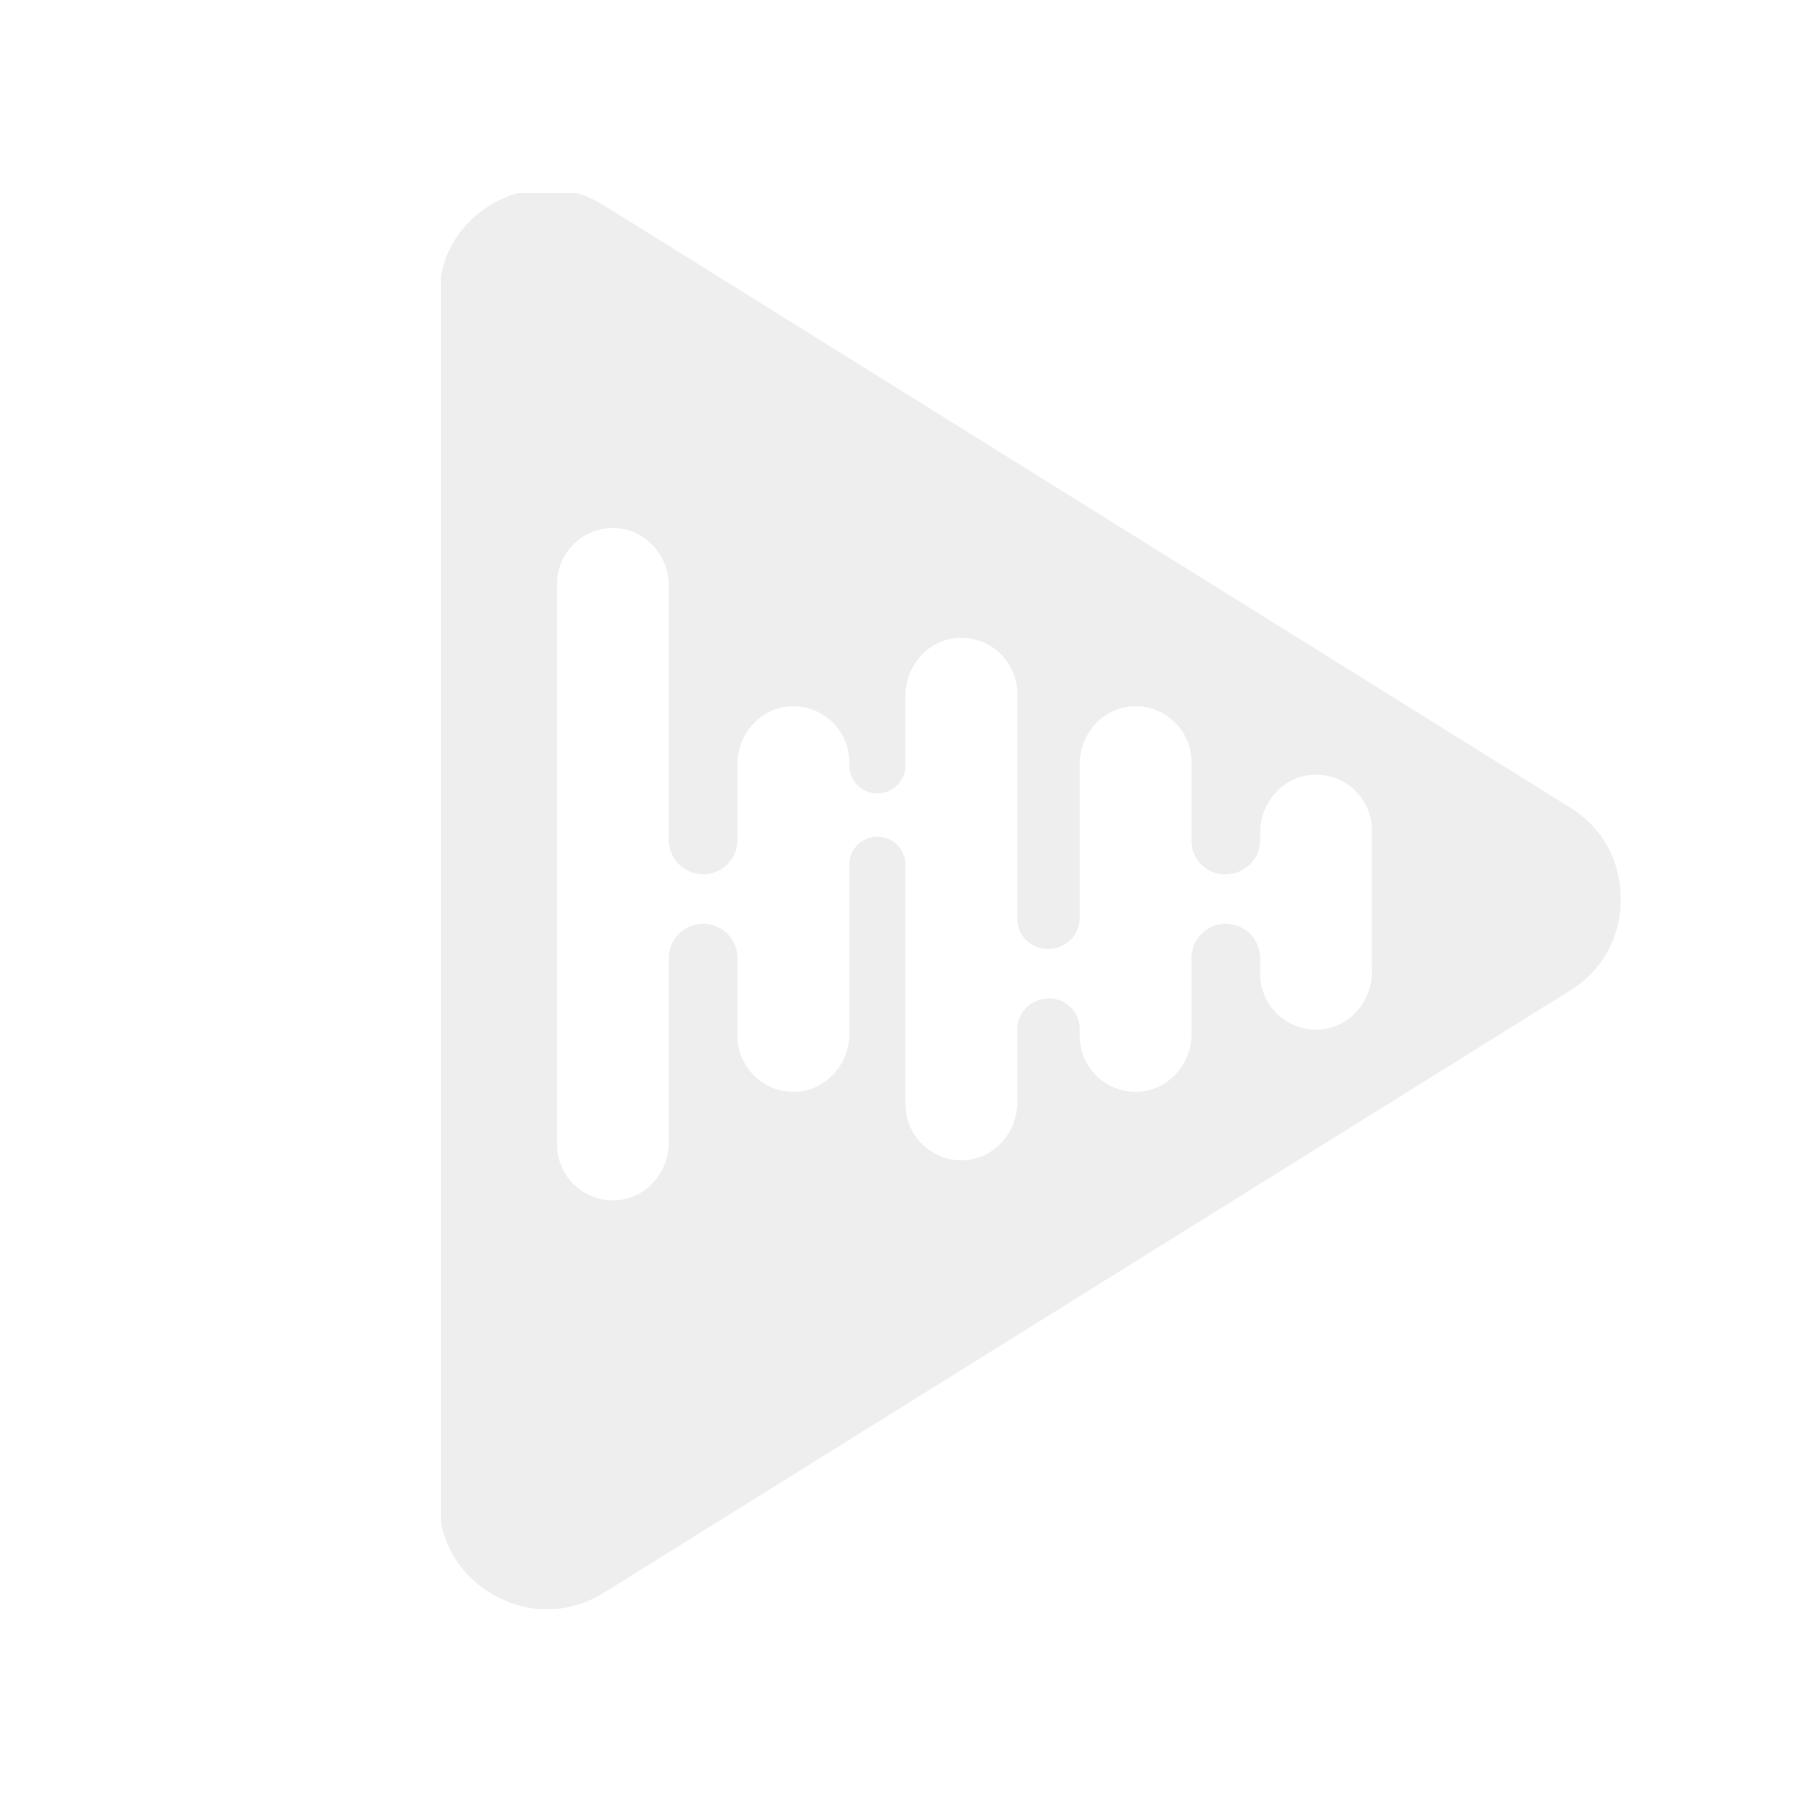 Audison VOCE AV 3.0